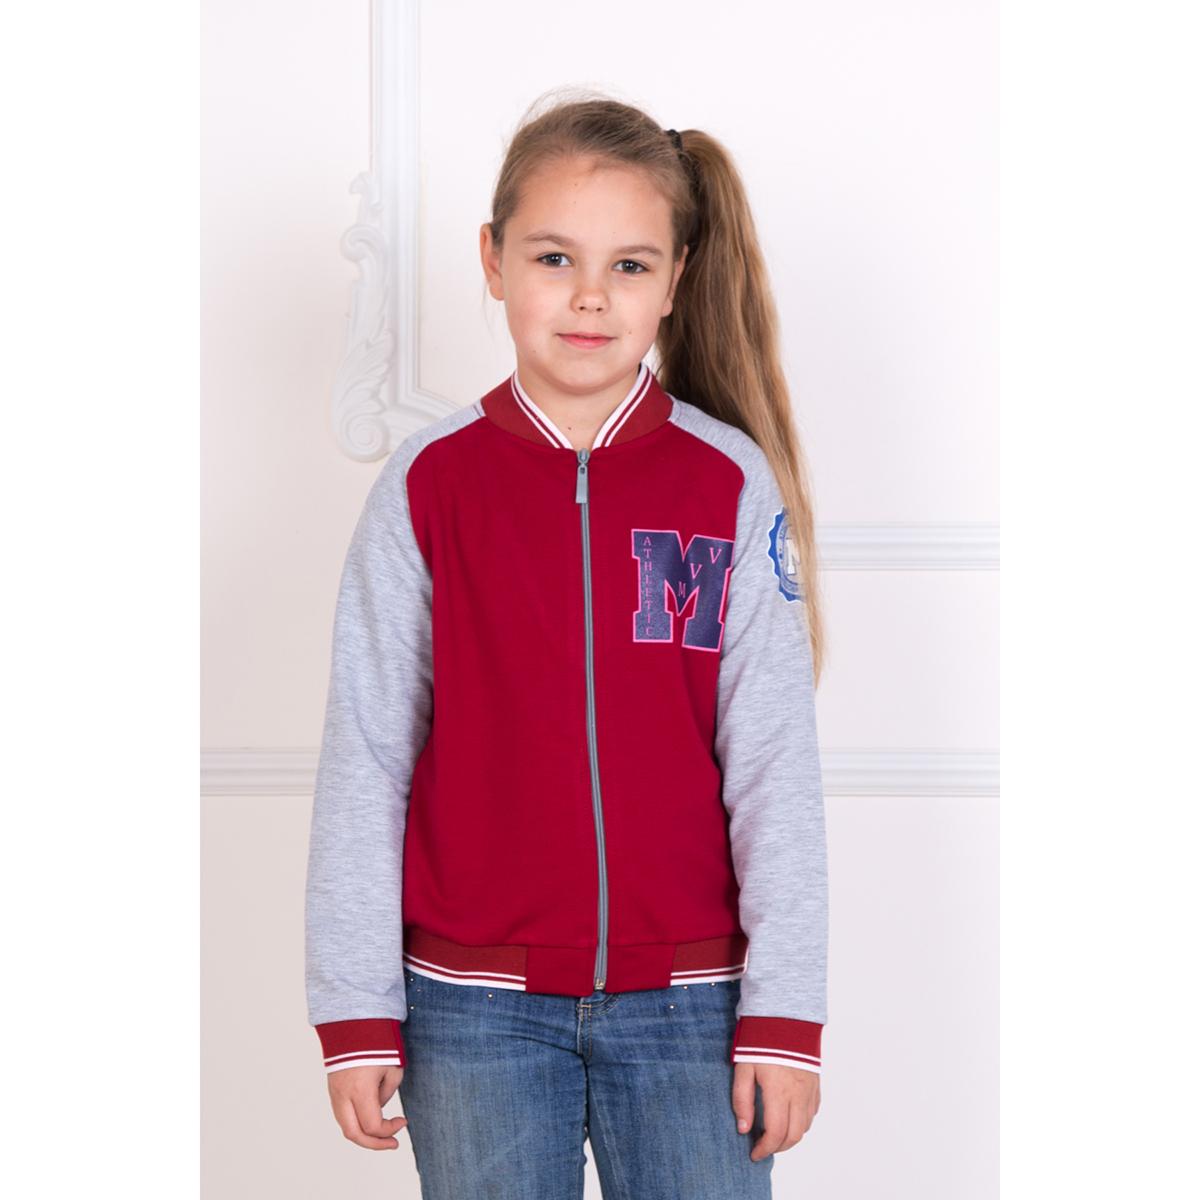 Детская толстовка Бомбер Красный, размер 30Толстовки, джемпера и рубашки<br><br><br>Тип: Дет. толстовка<br>Размер: 30<br>Материал: Футер